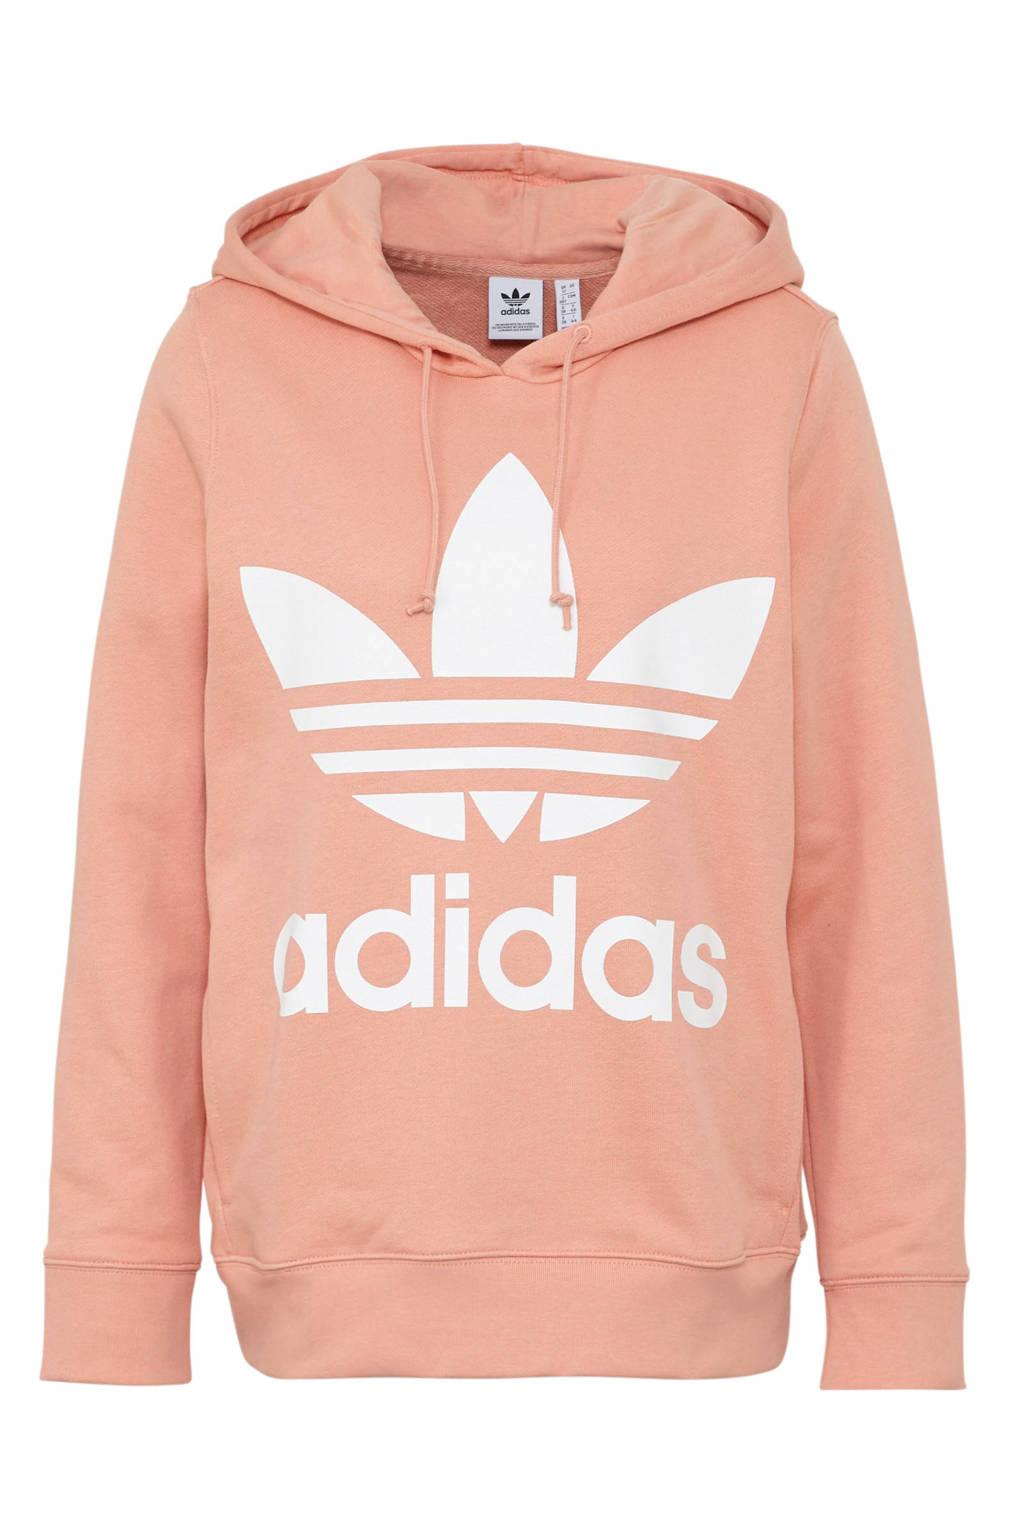 adidas originals hoodie zalmroze, zalmroze/wit